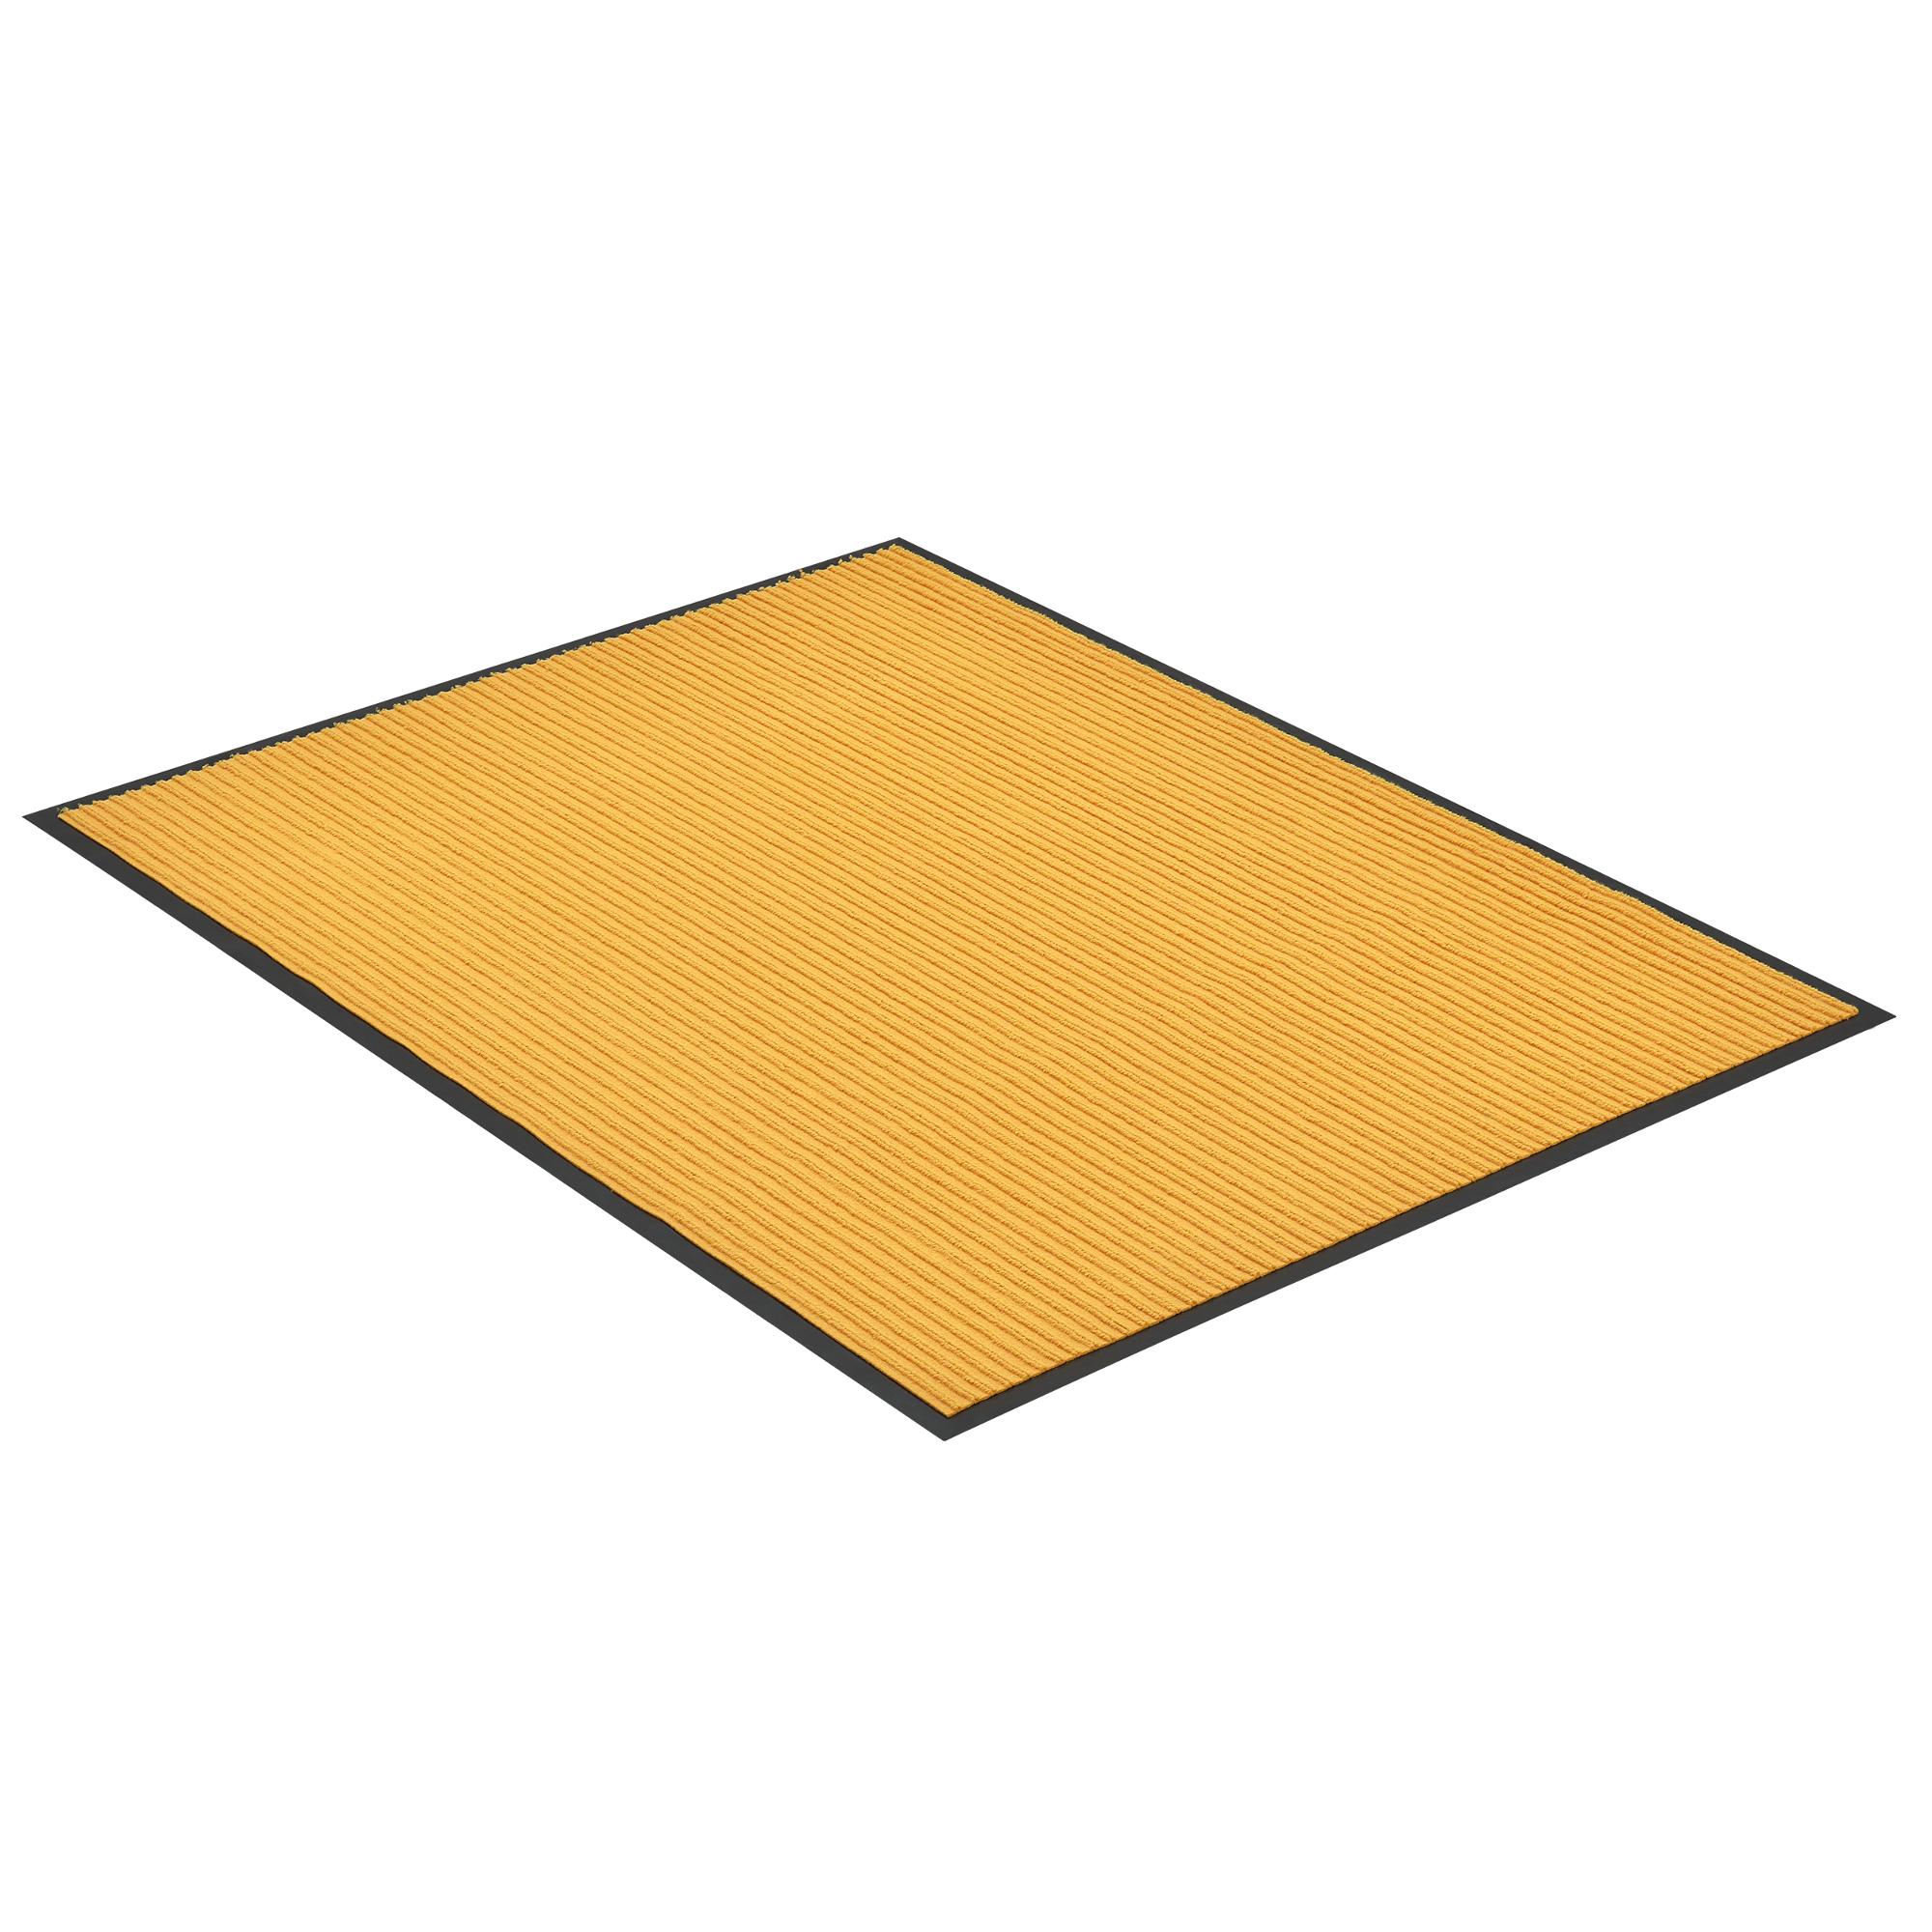 fu matte t rmatte fu abtreter schmutzmatte matte t rvorleger teppich ebay. Black Bedroom Furniture Sets. Home Design Ideas